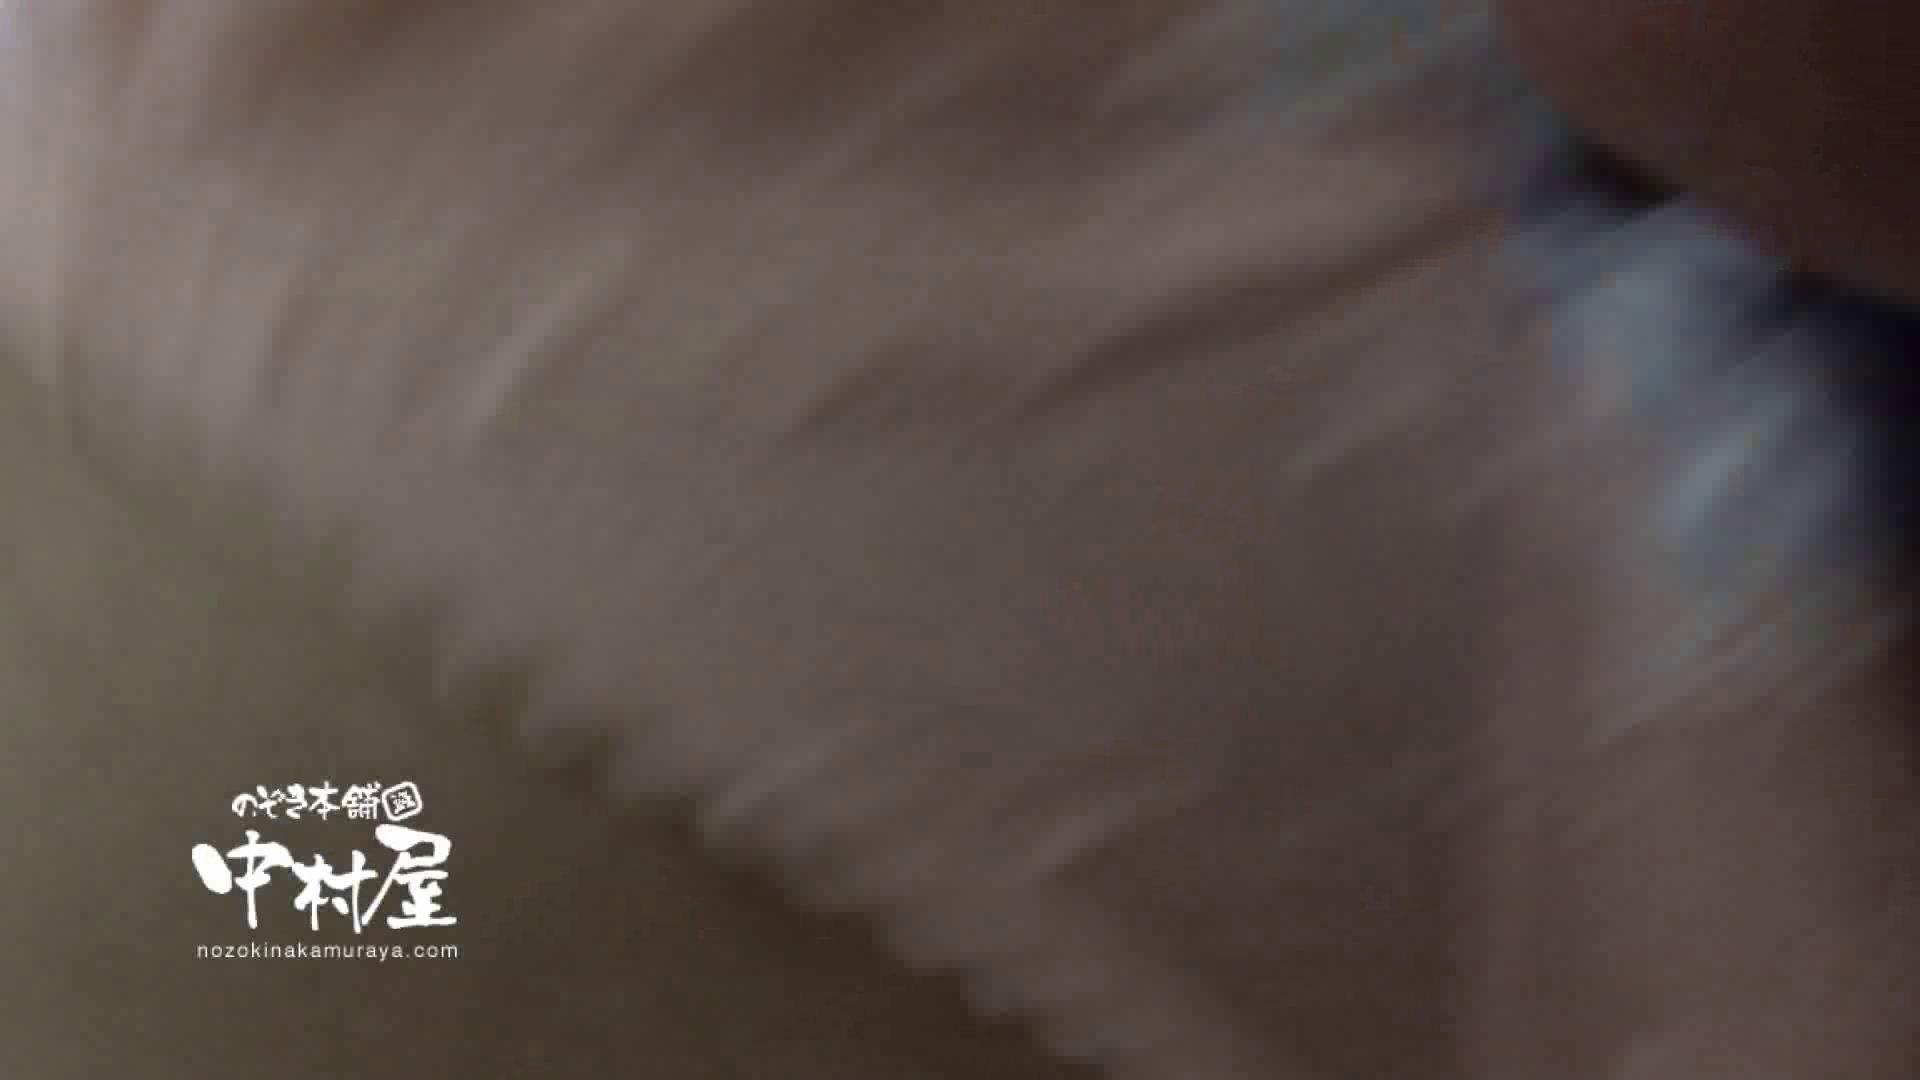 鬼畜 vol.15 ハスキーボイスで感じてんじゃねーよ! 前編 鬼畜 | 0  50画像 18